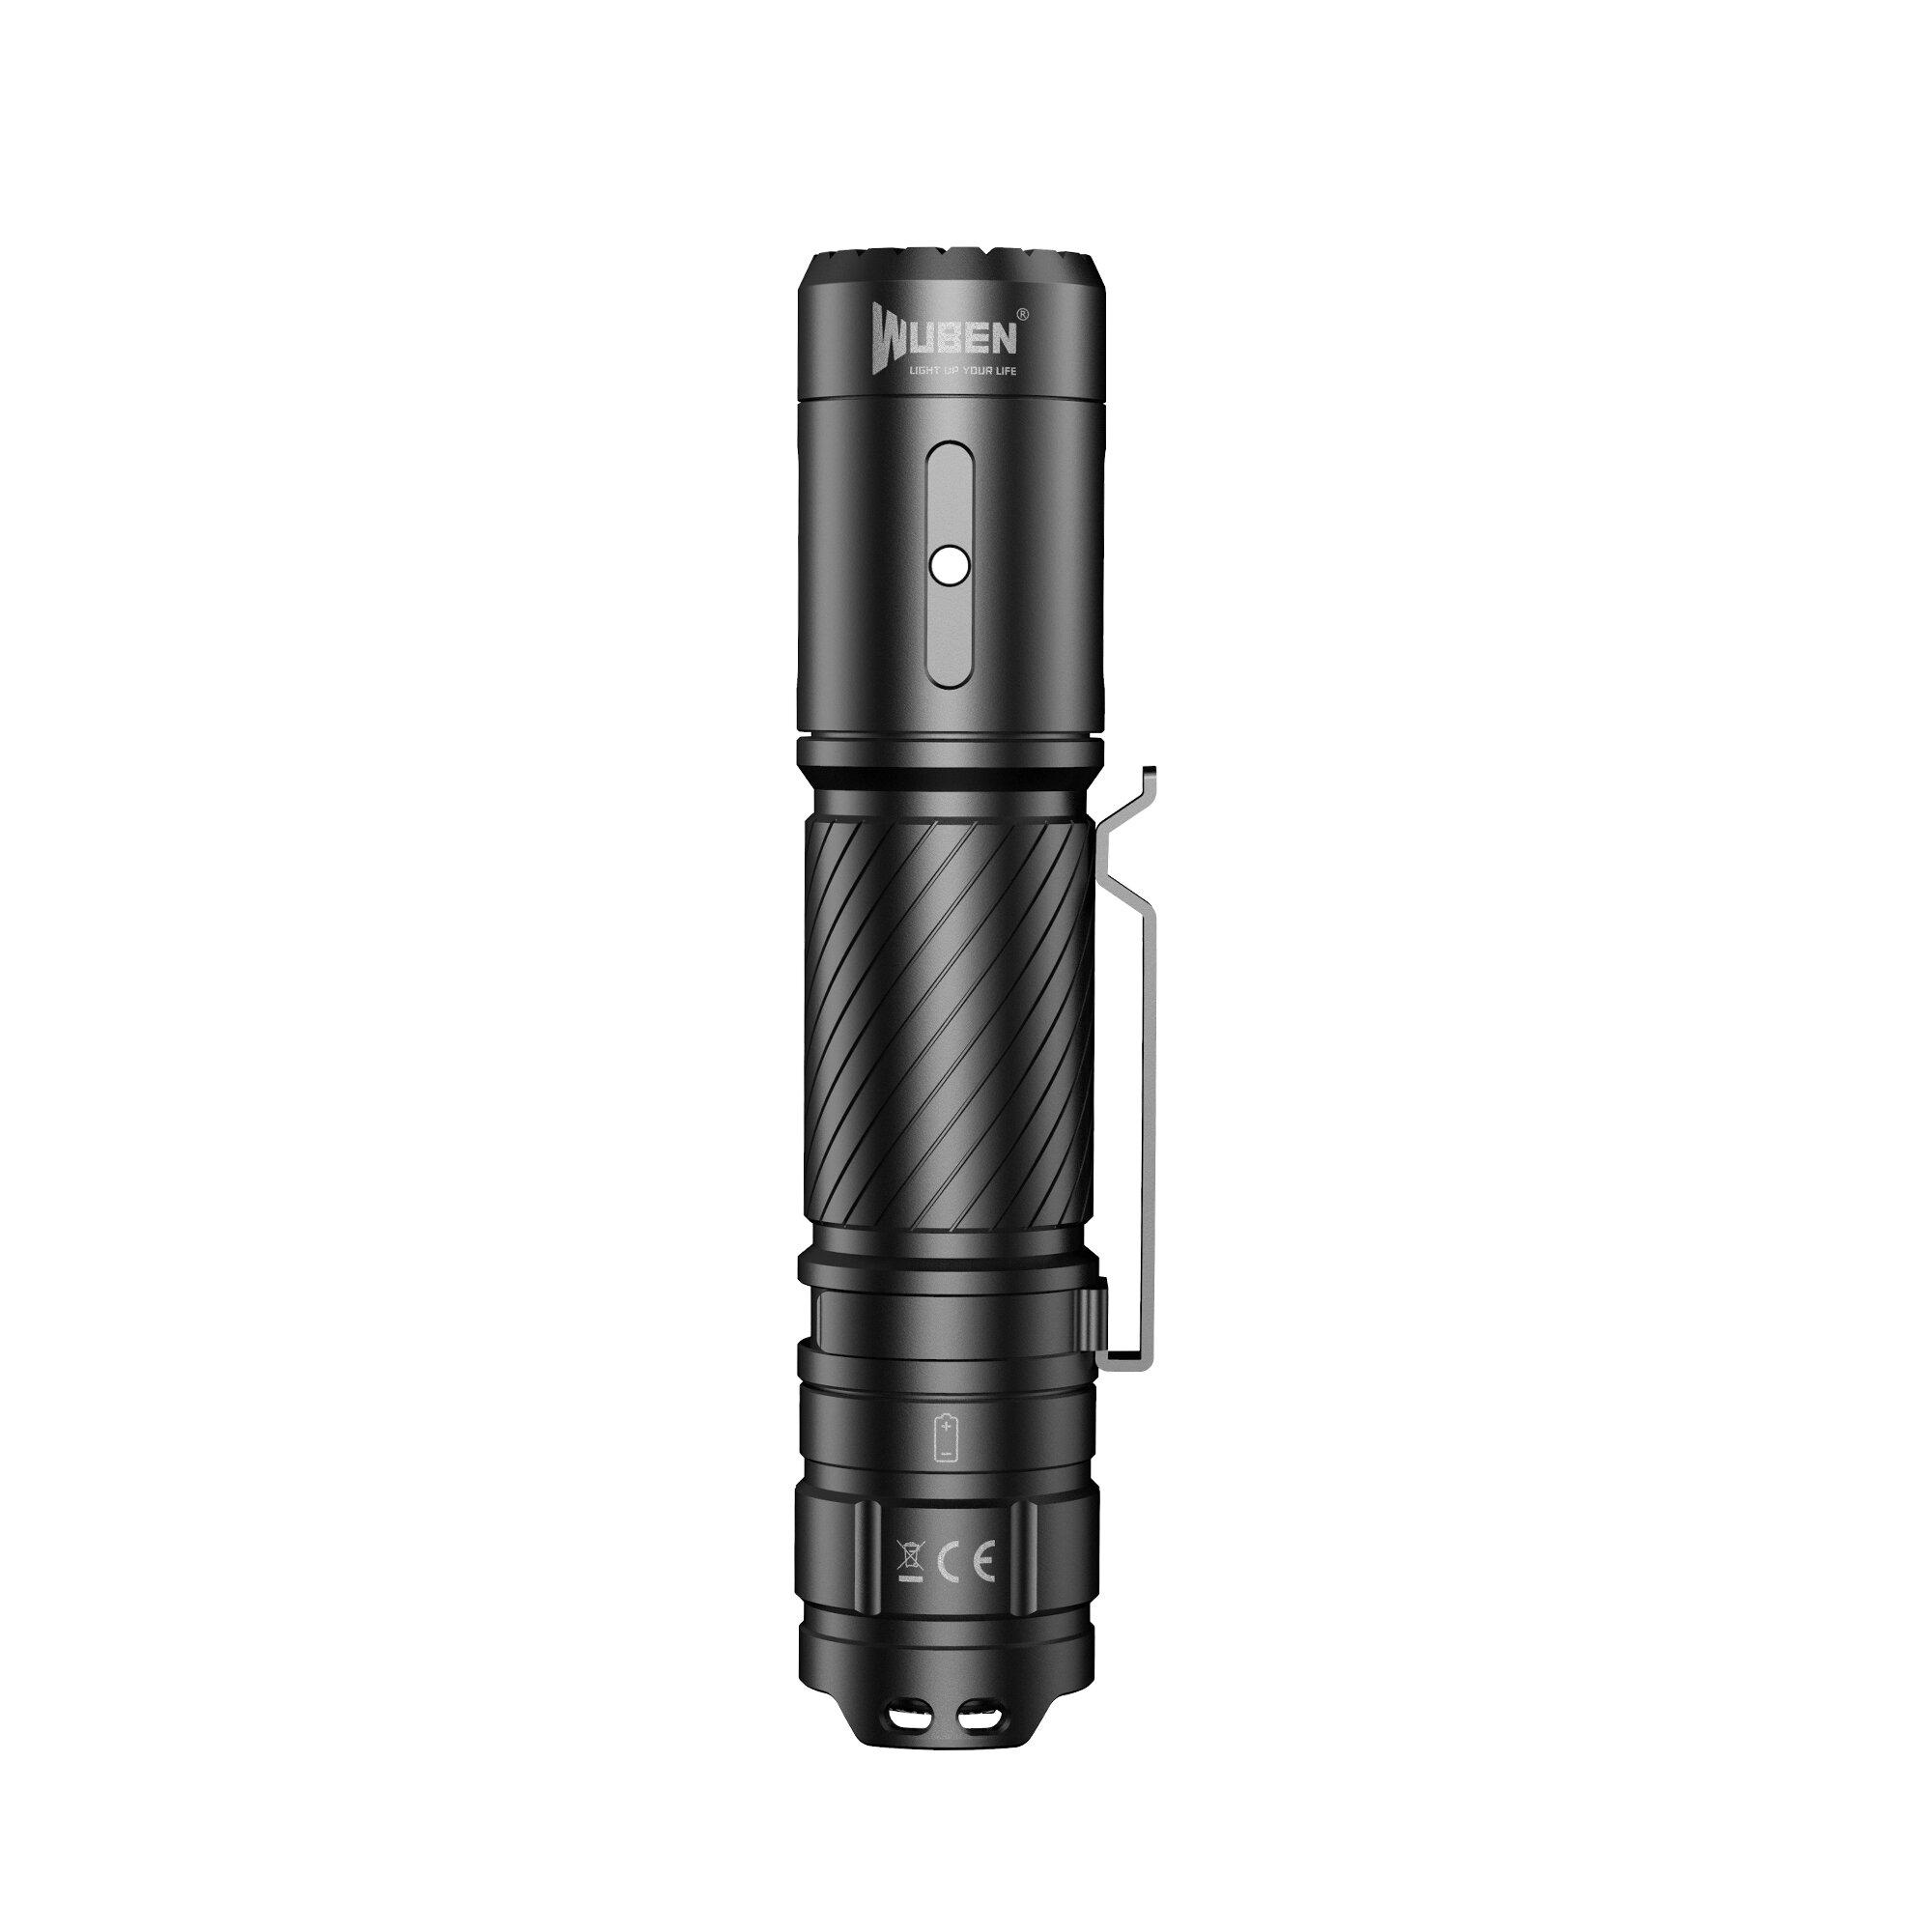 JETbeam Mini-1 TI Titanium XP-G2 130LM USB Rechargeable Mini LED Flashlight - 1